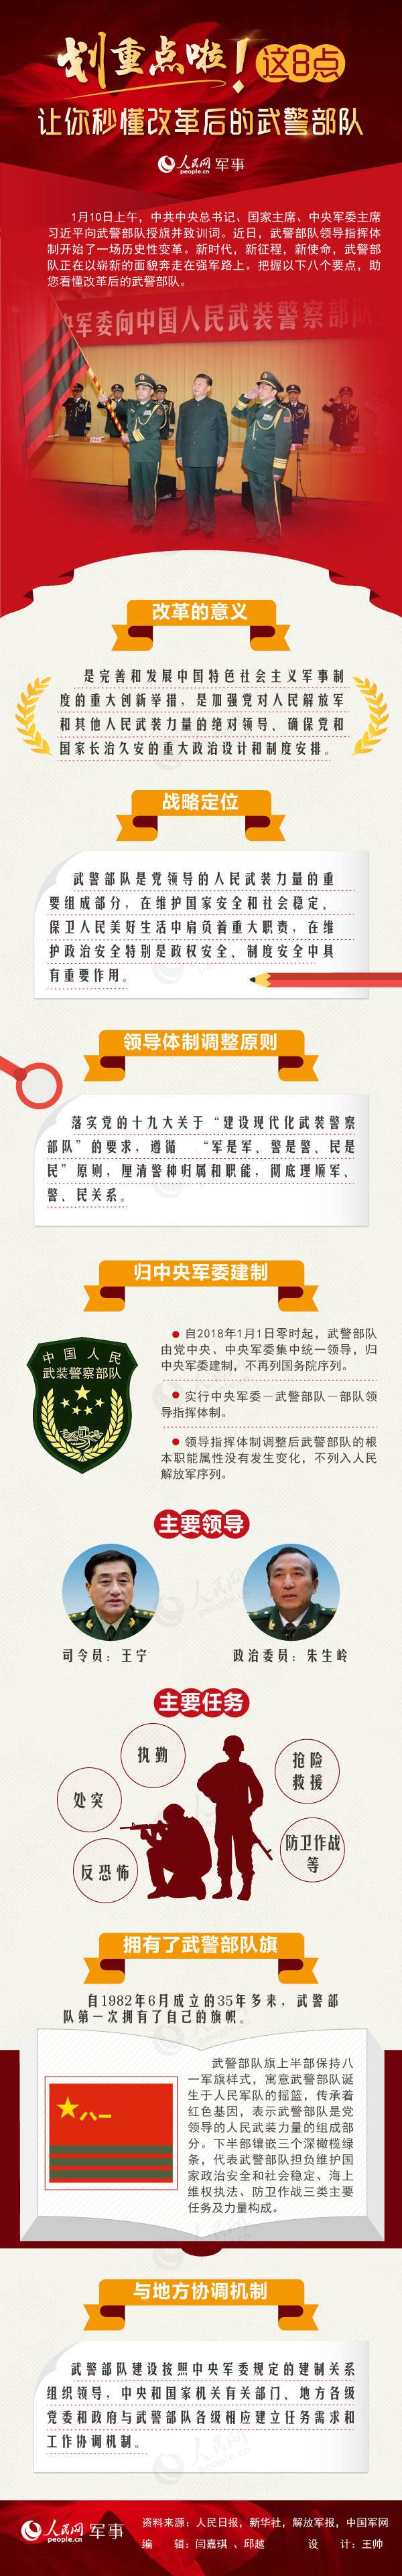 皇家彩票网官方客服:划重点啦!这八点让你秒懂改革后的武警部队